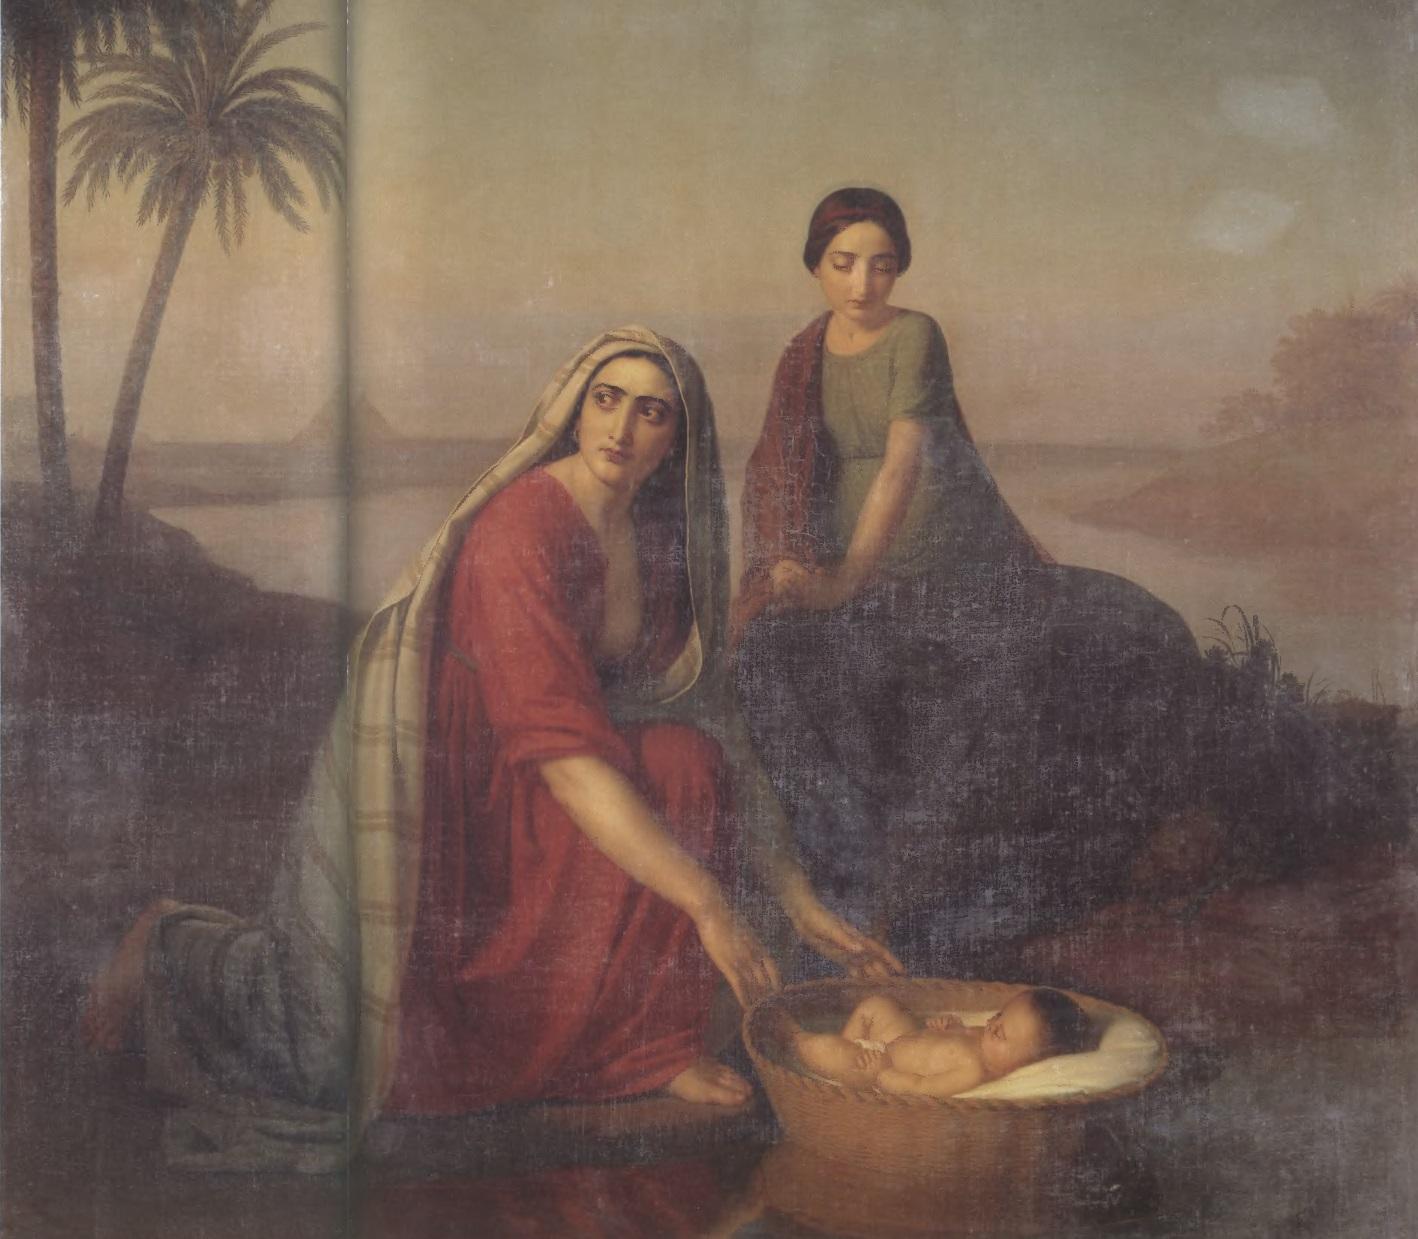 АЛЕКСЕЙ ТИРАНОВ. Моисей, опускаемый матерью на воды Нила. 1839—1842. Холст, масло. 175,9 х 197,2 см. Государственная Третьяковская галерея